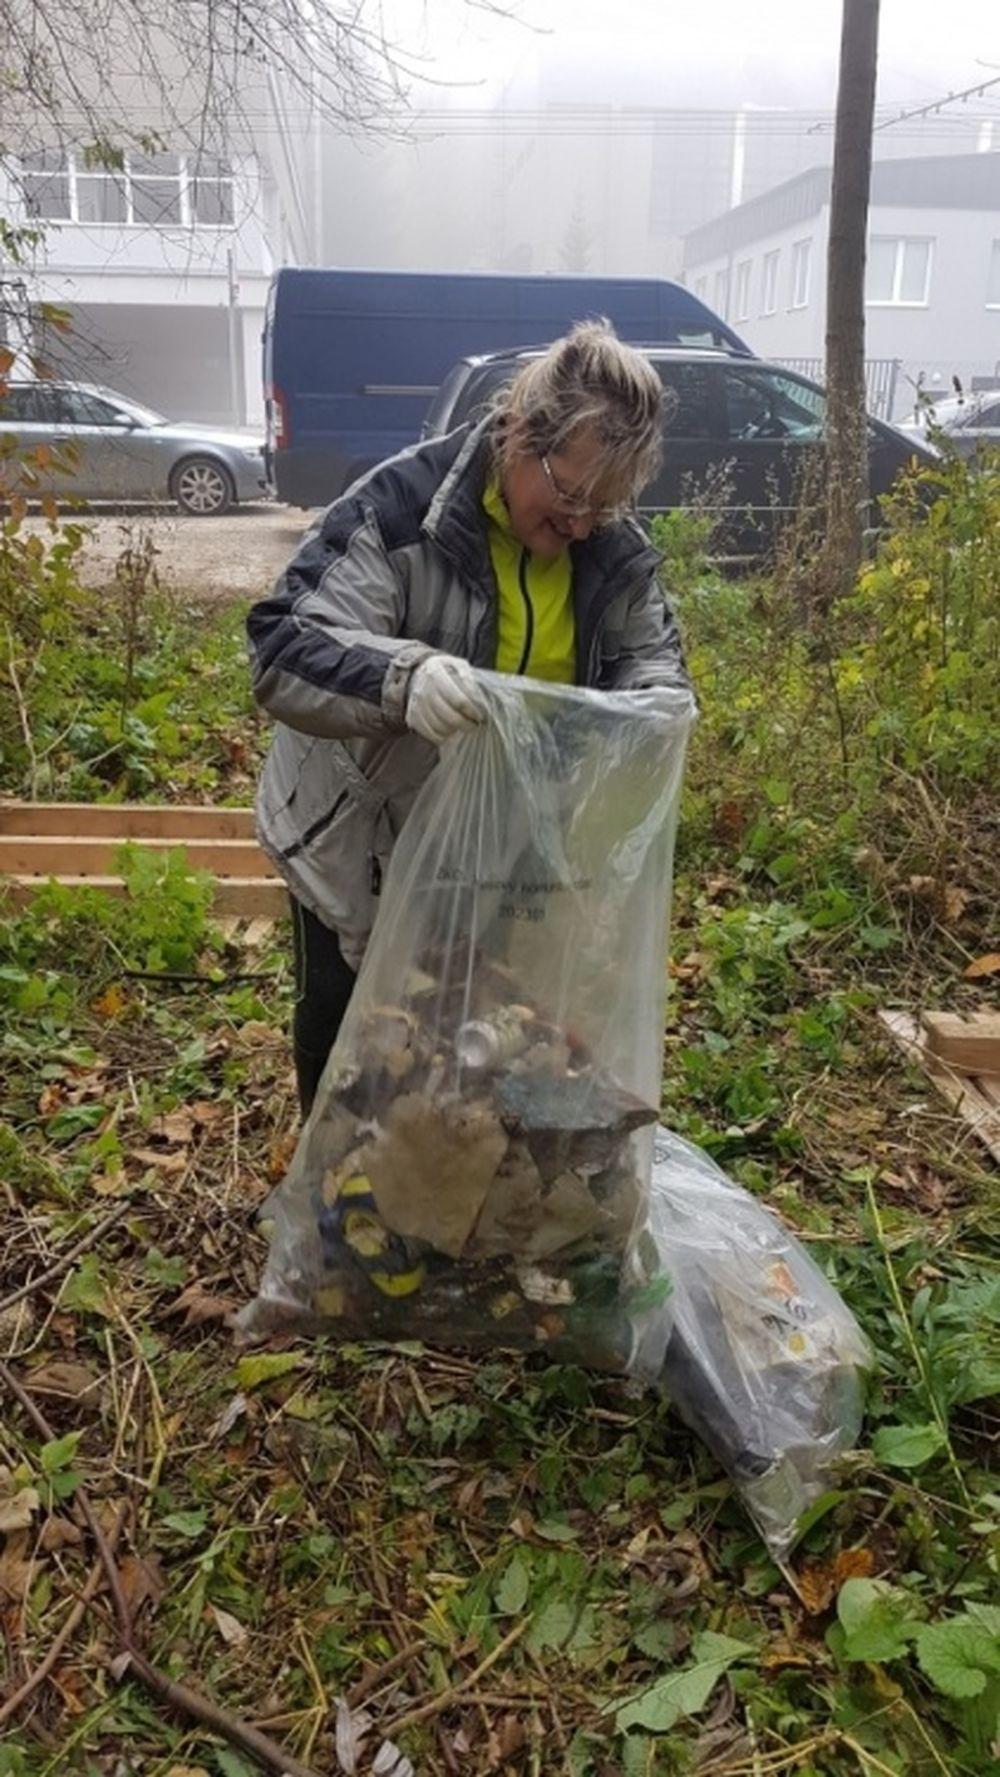 FOTO: Dobrovoľníci opäť vyčistili Čížov jarok v žilinskom lesoparku, foto 4